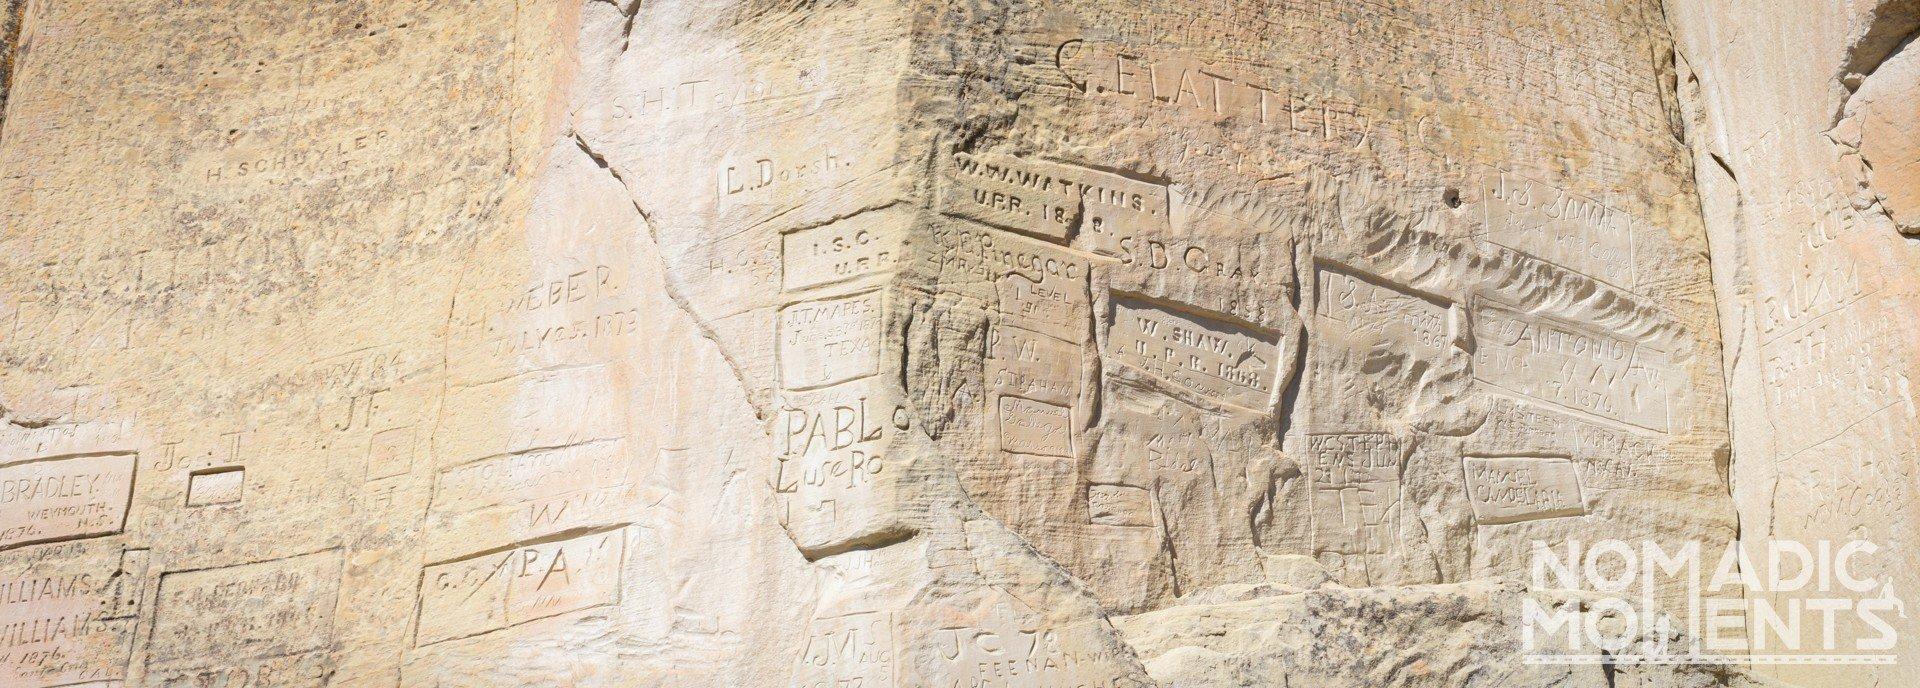 Sandstone Signatures